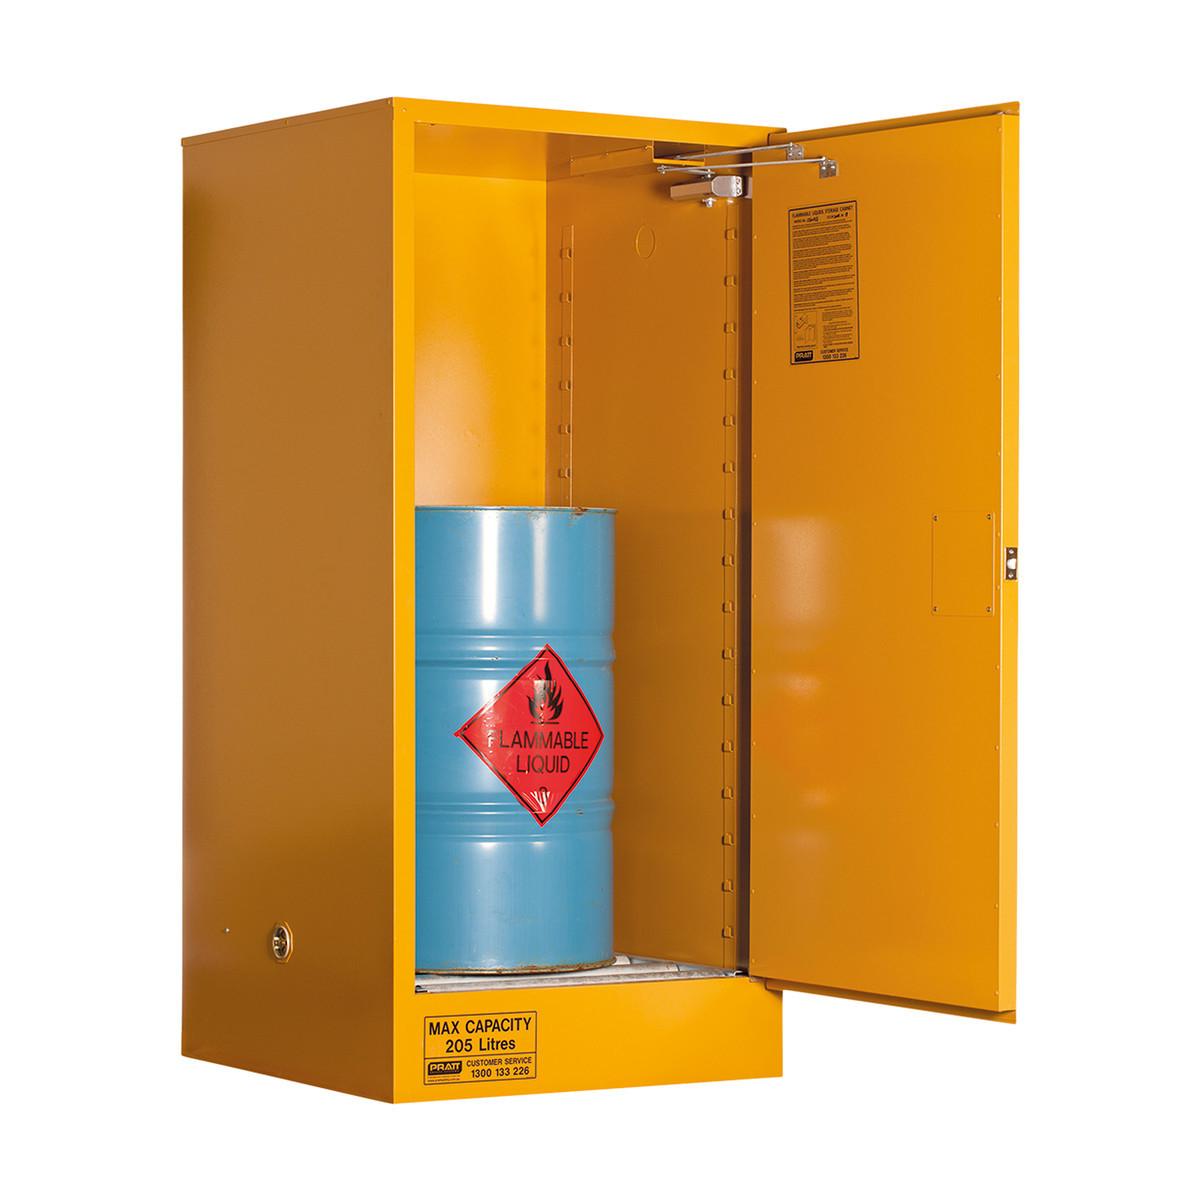 Flammable Storage Cabinet 205 Litres - 2 Door, 2 Shelf